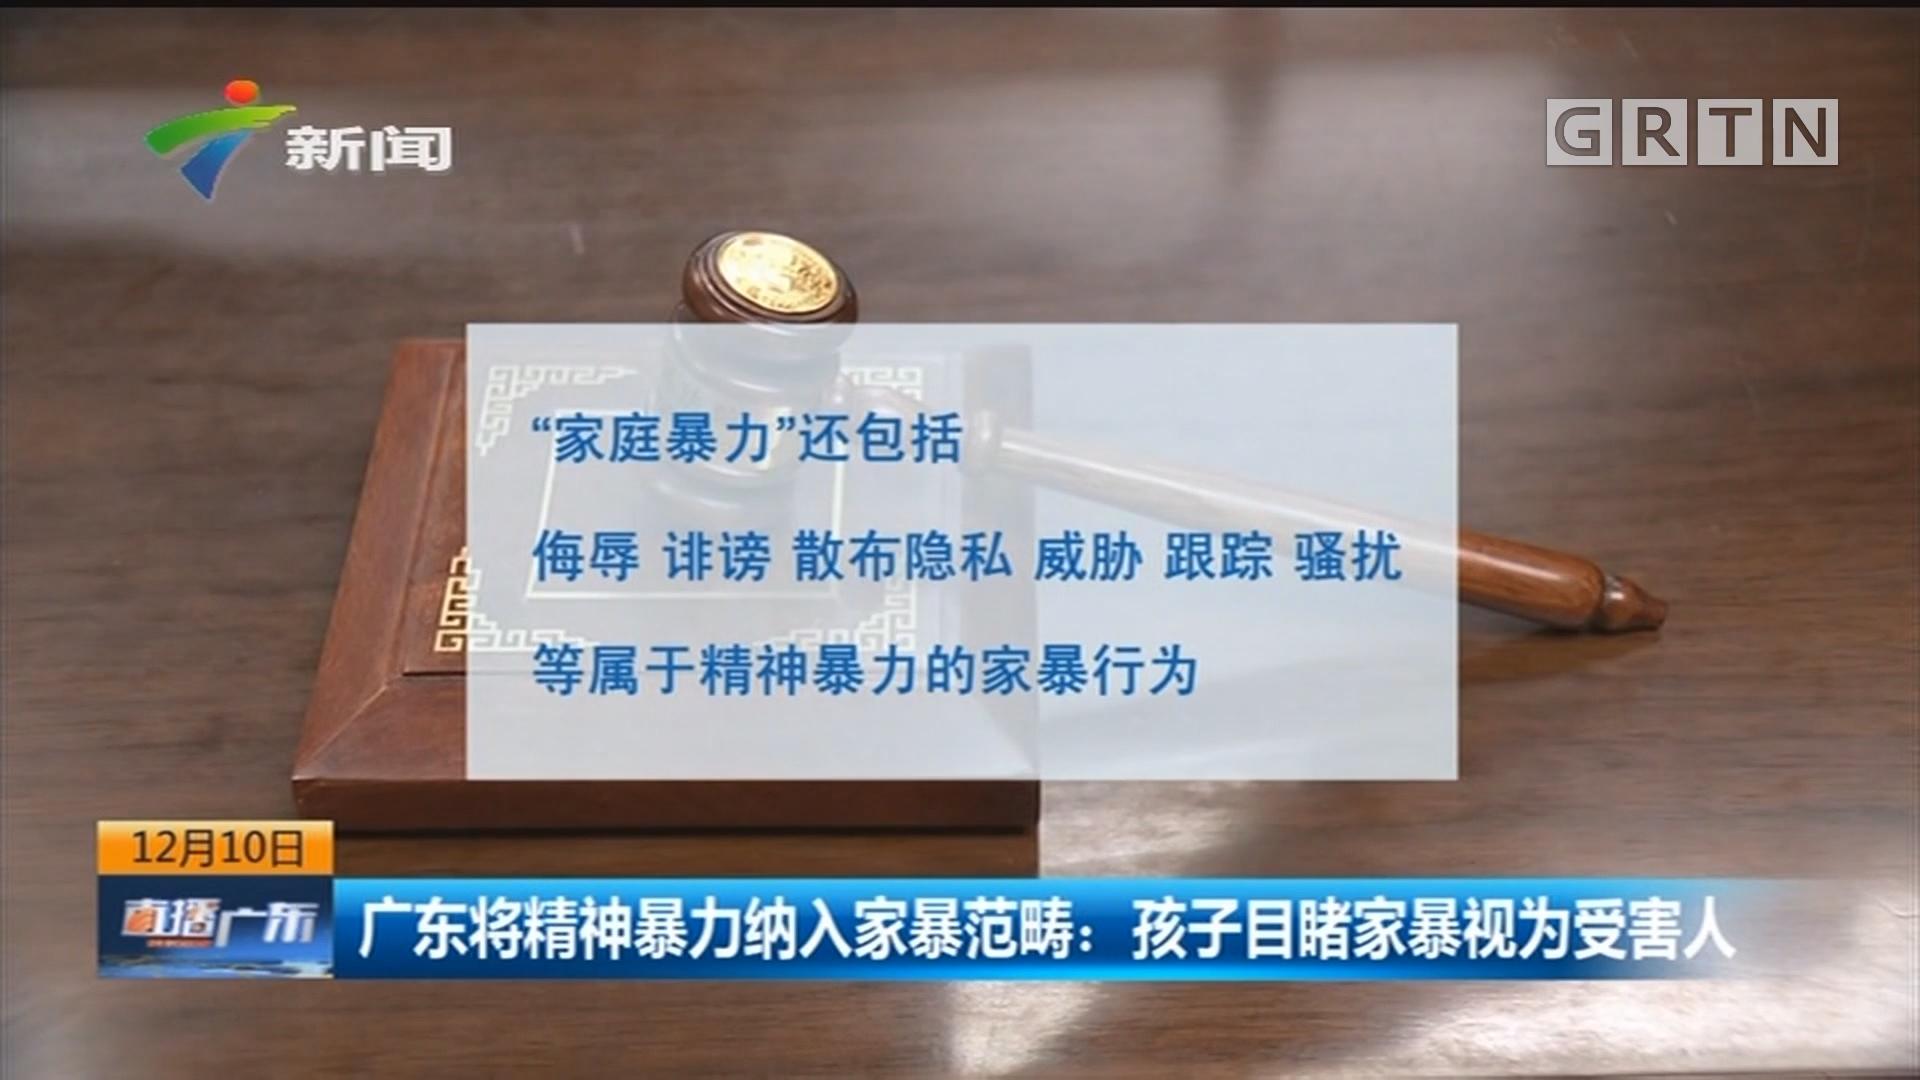 广东将精神暴力纳入家暴范畴:孩子目睹家暴视为受害人